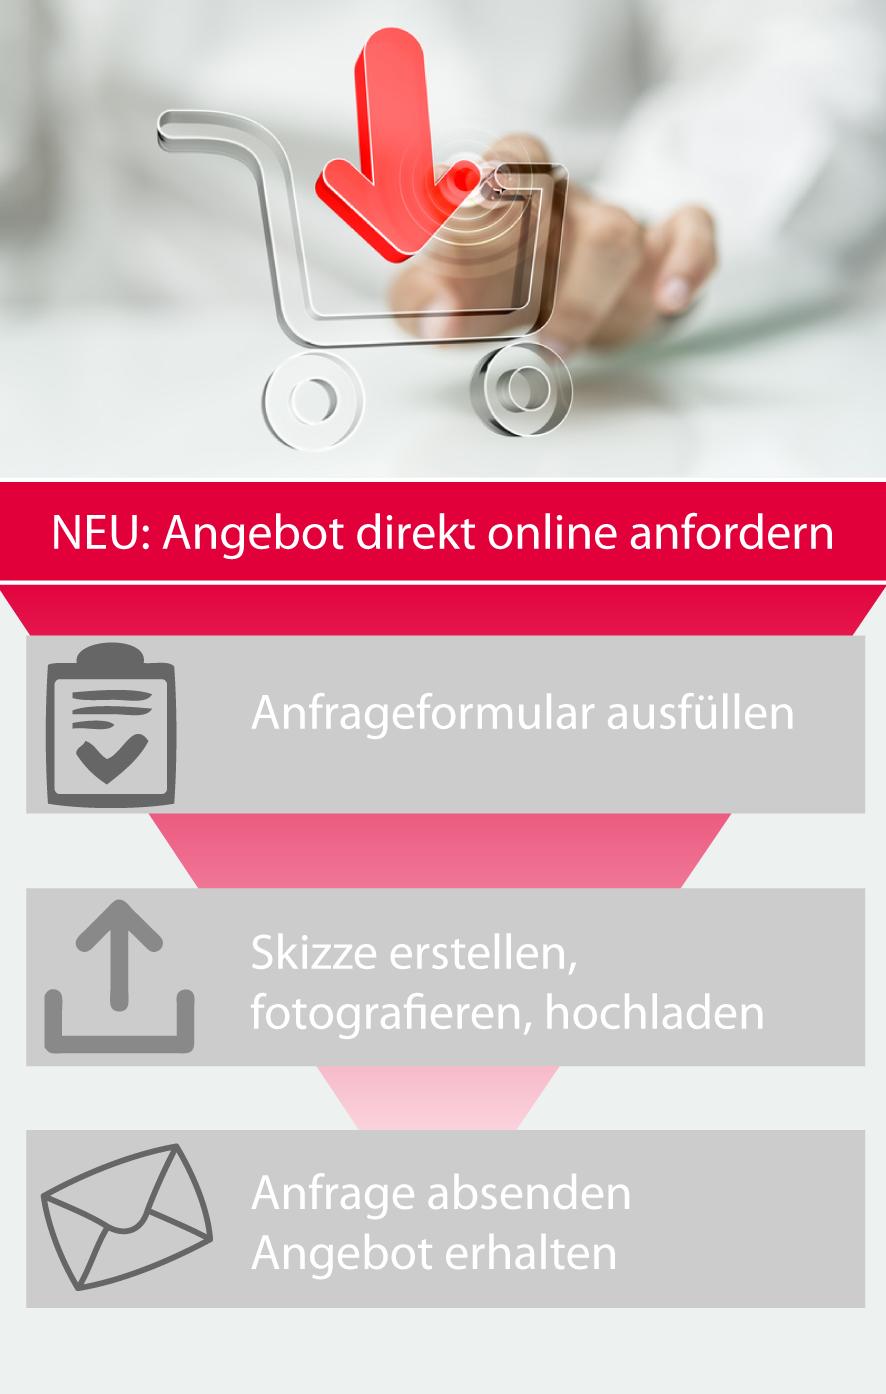 Online-Angebot-anfordern Angebot